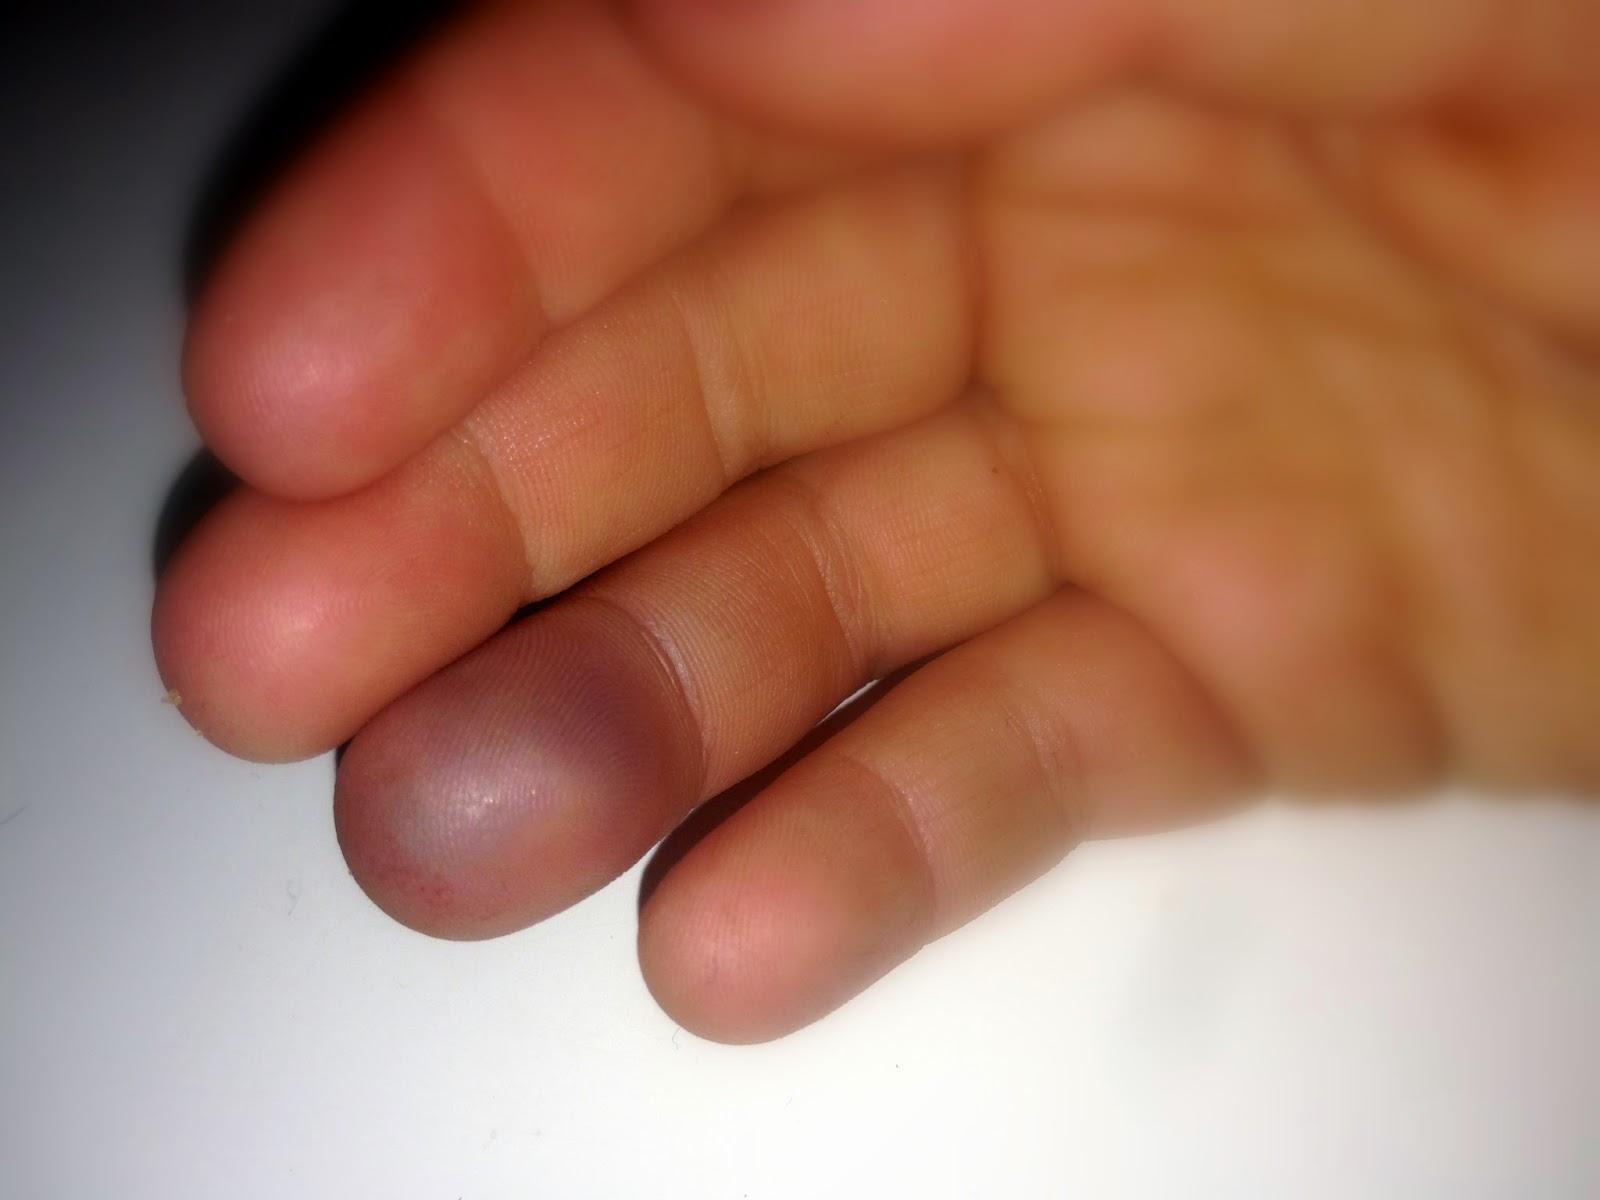 svullet finger blått